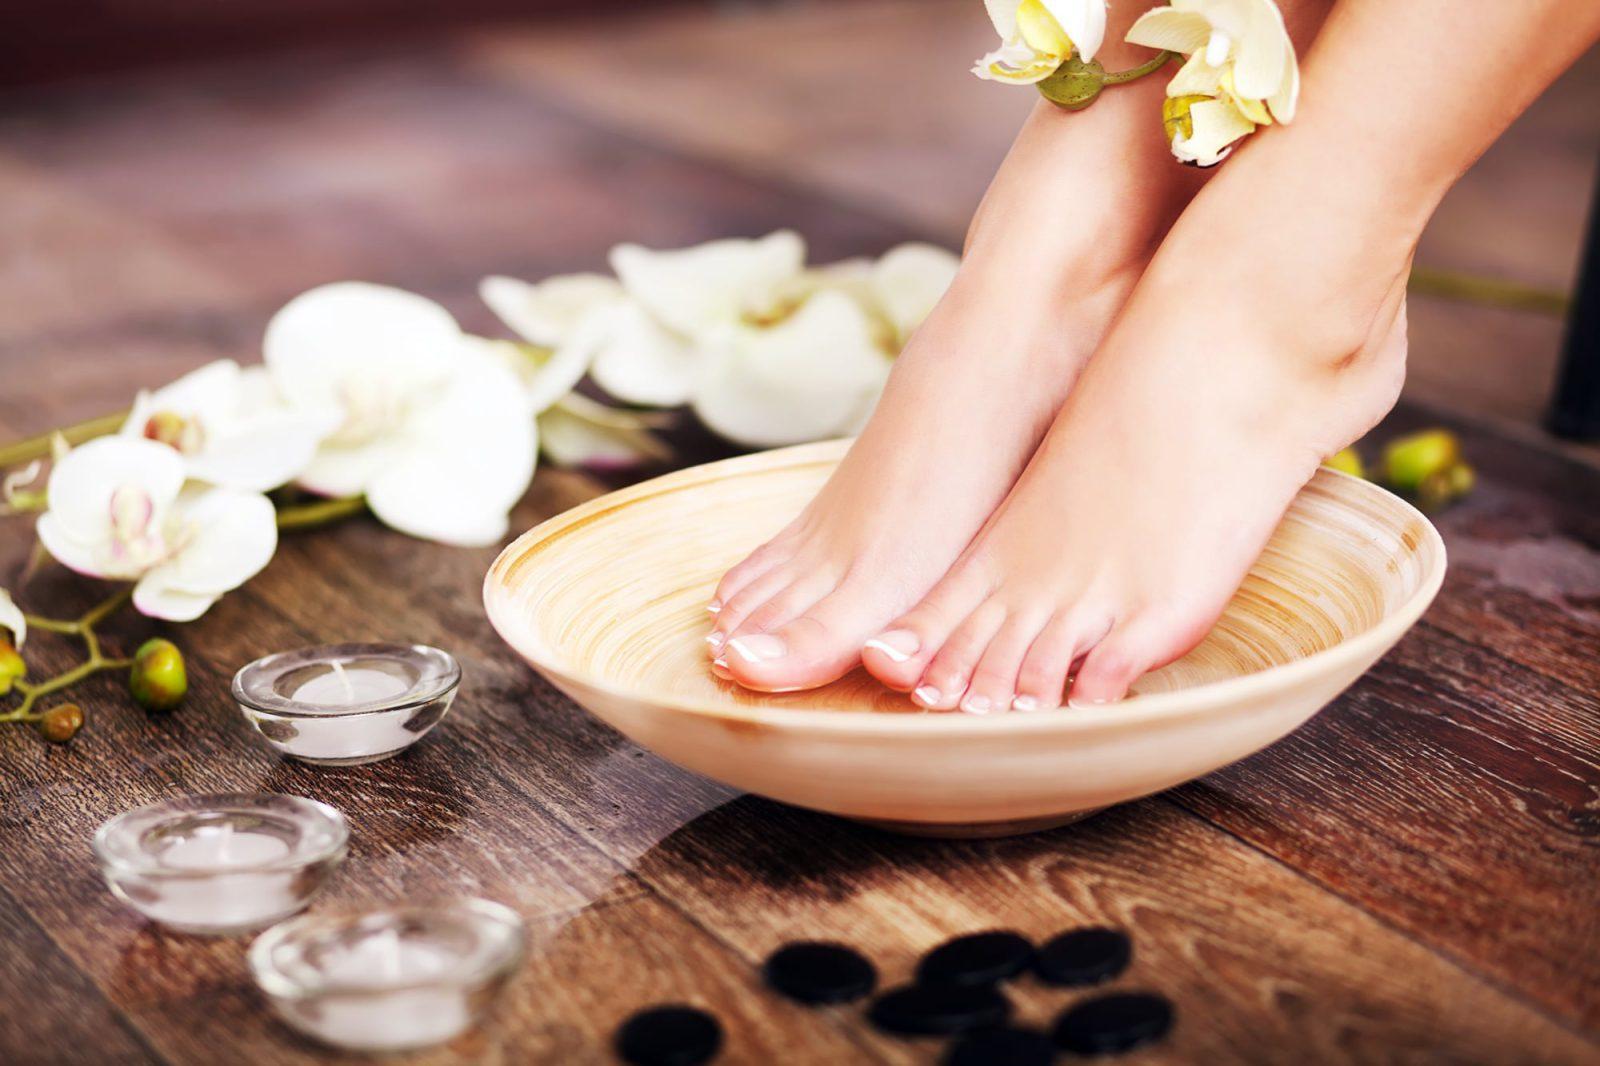 עור יבש ברגליים, טיפול בעור יבש ברגליים יובש ברגליים